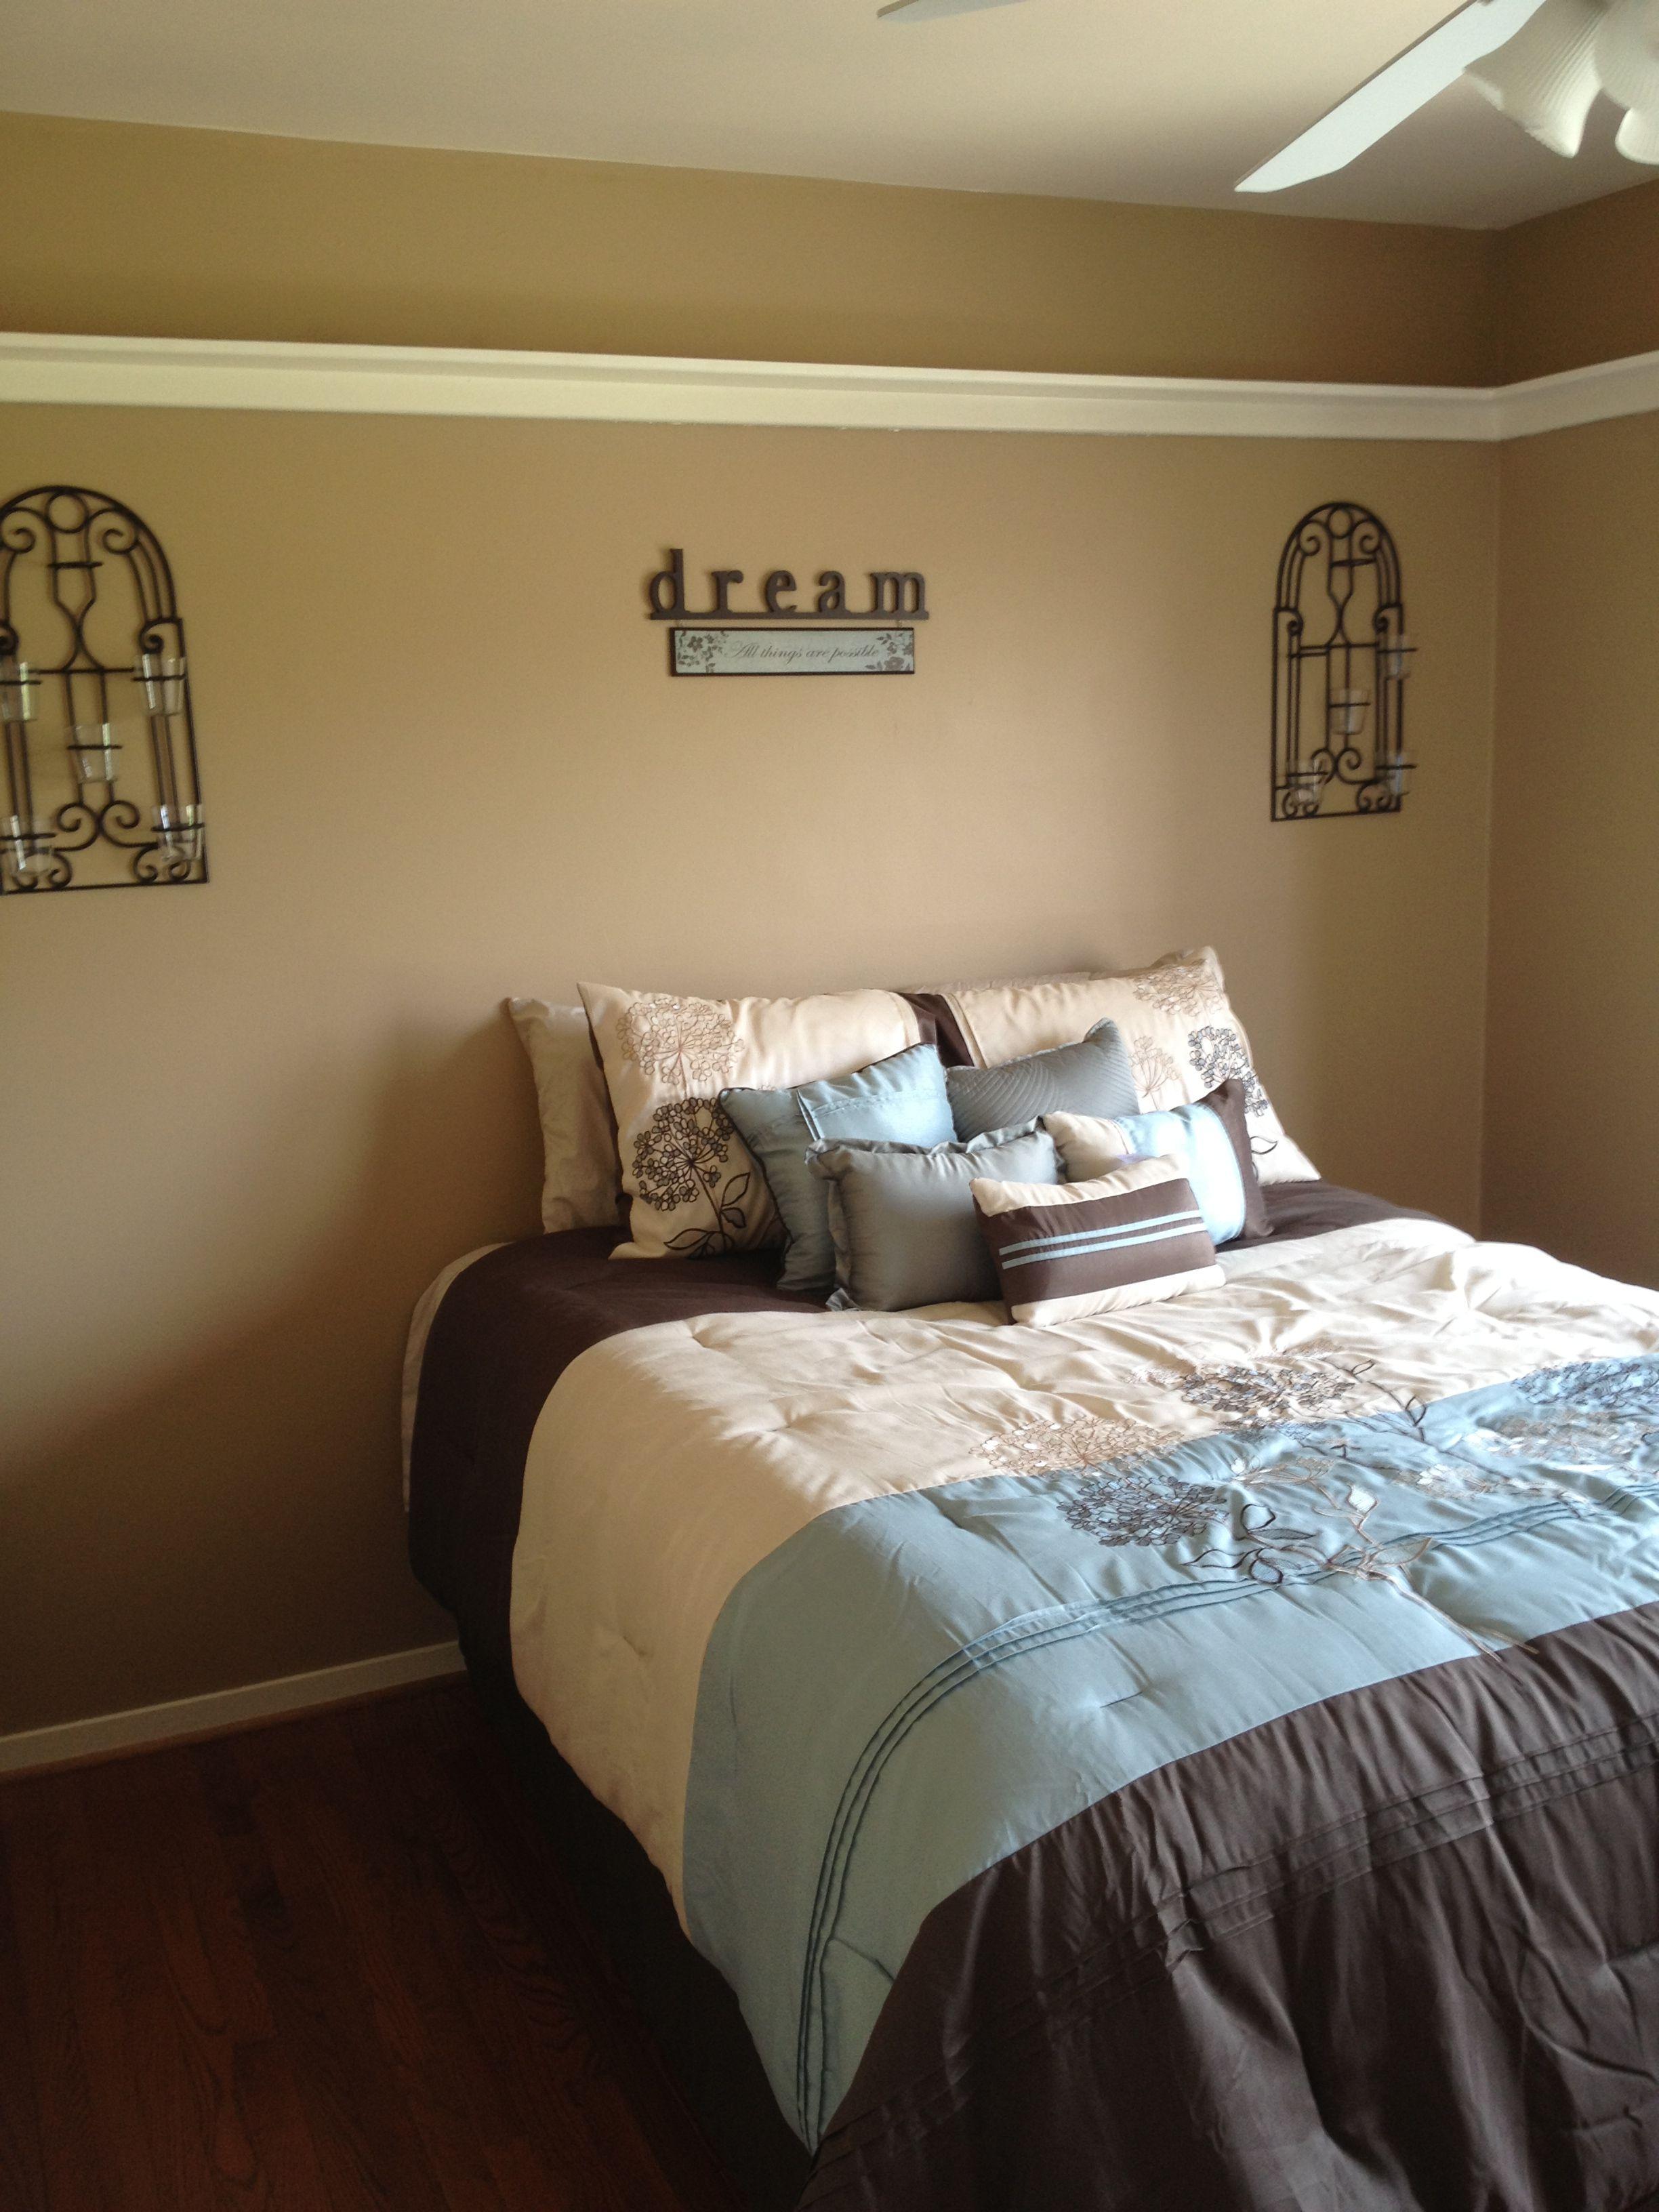 Blue Brown Tan Guest Bedroom Dream Brown Master Bedroom Brown Bedroom Colors Guest Bedroom